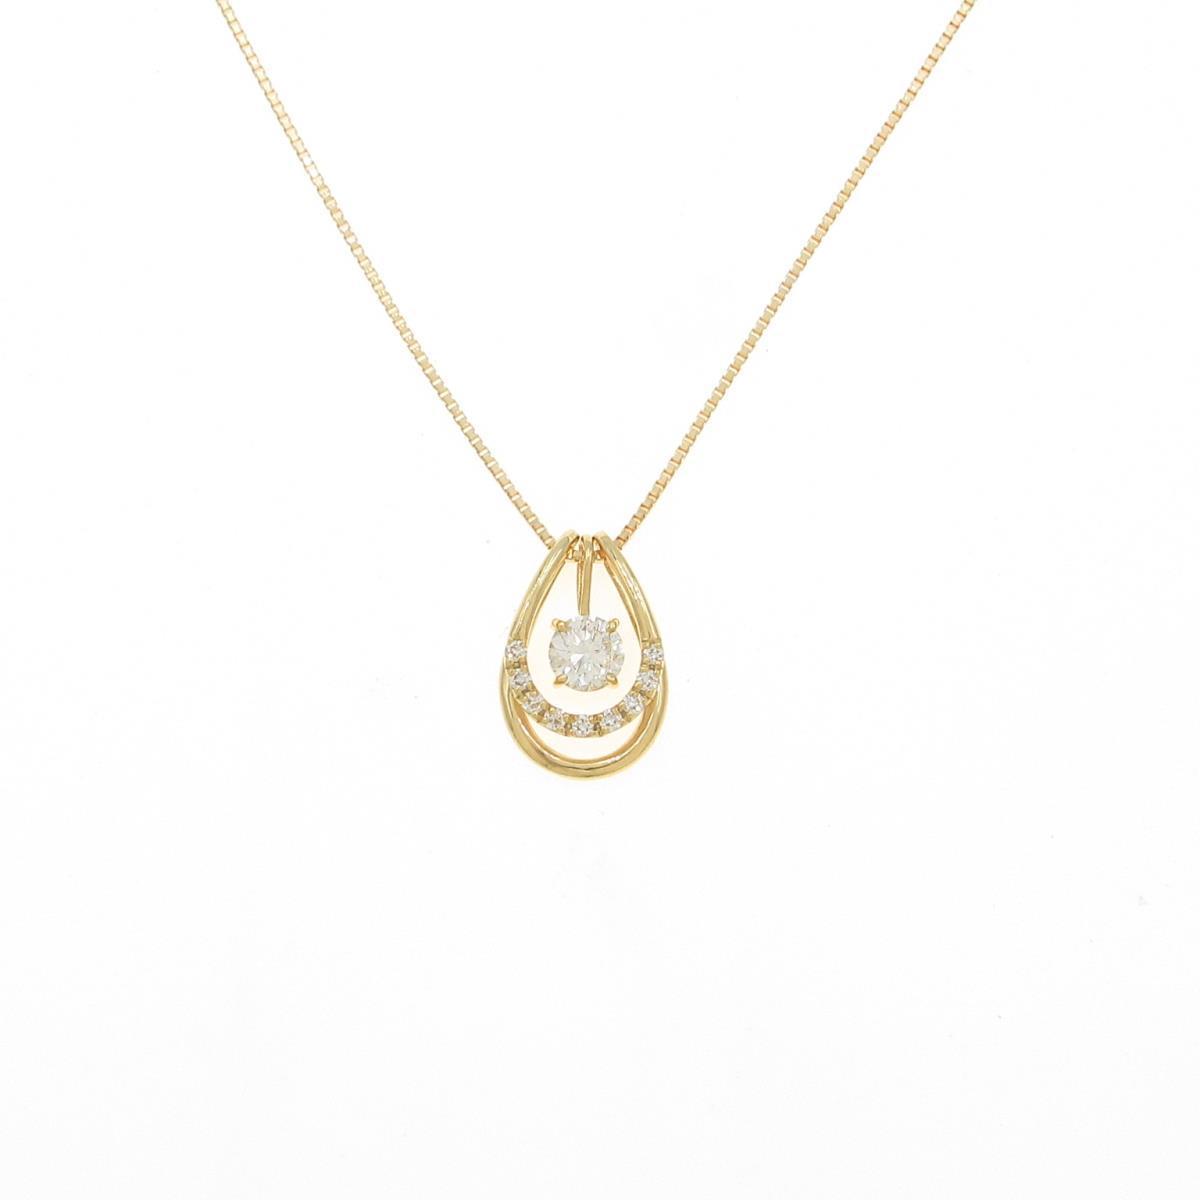 【新品】K18YG 2WAY ダイヤモンドネックレス 0.301ct・H・SI2・VG【新品】